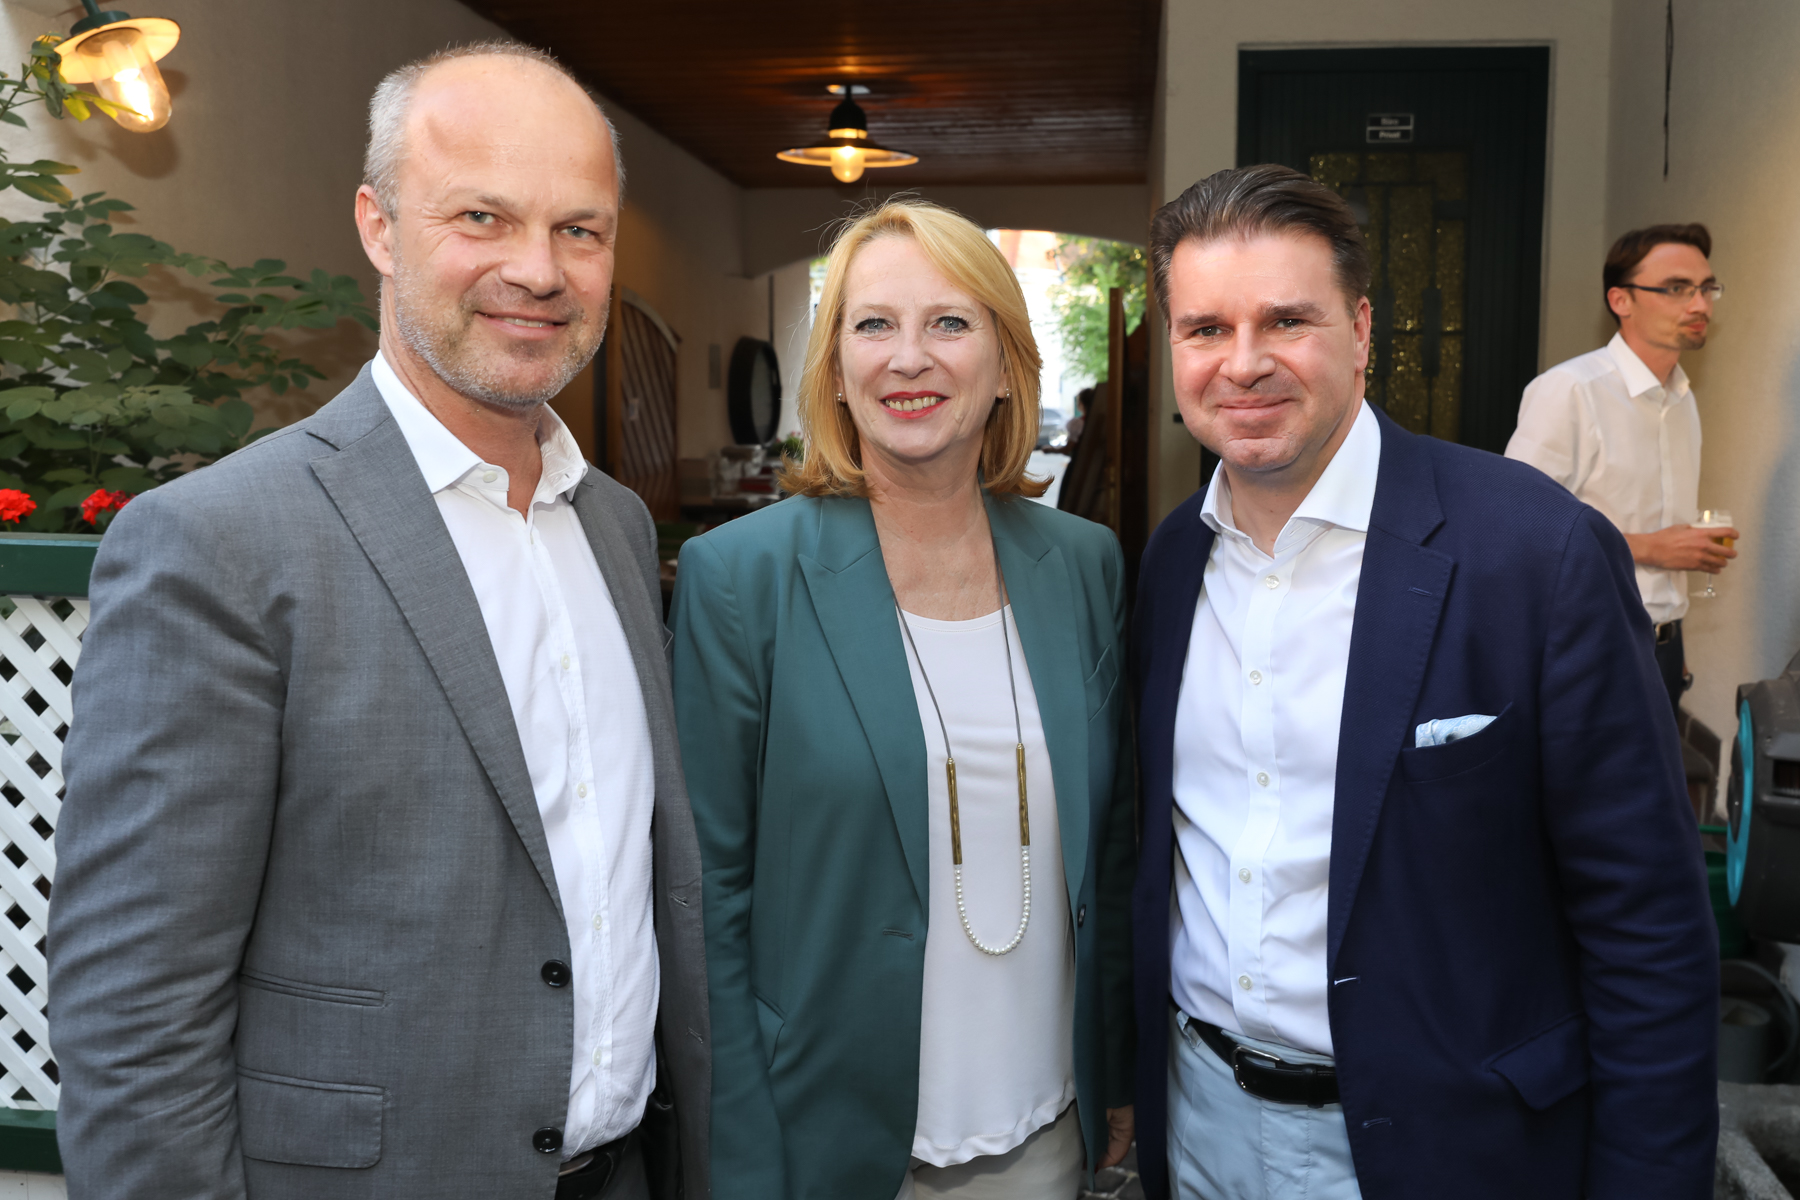 Markus Mair und Gerald Grünberger begrüßten die 2. Präsidentin des Nationalrates Doris Bures